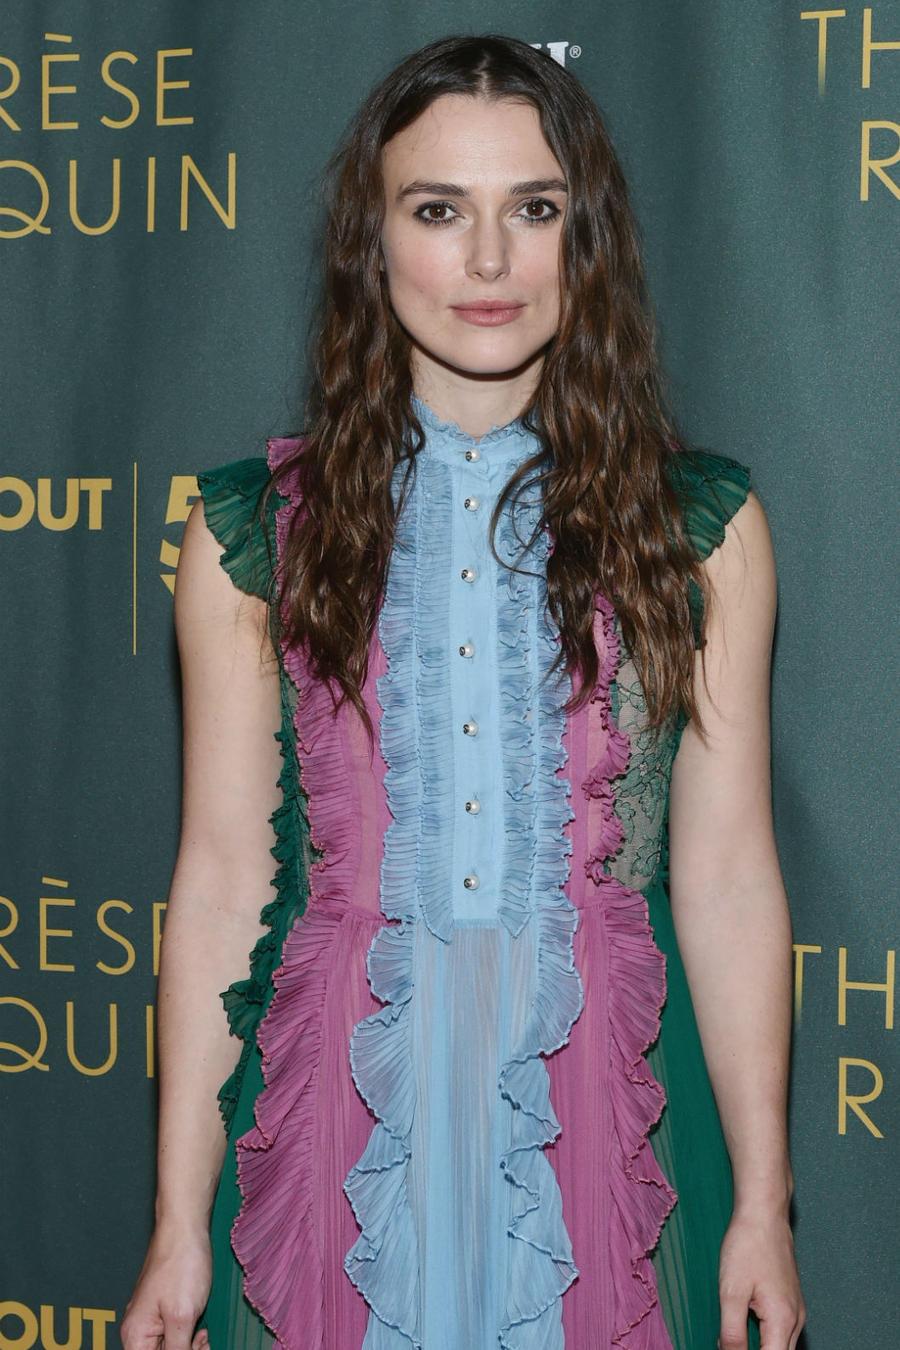 Keira Knightley con vestido rosa con verde y azul